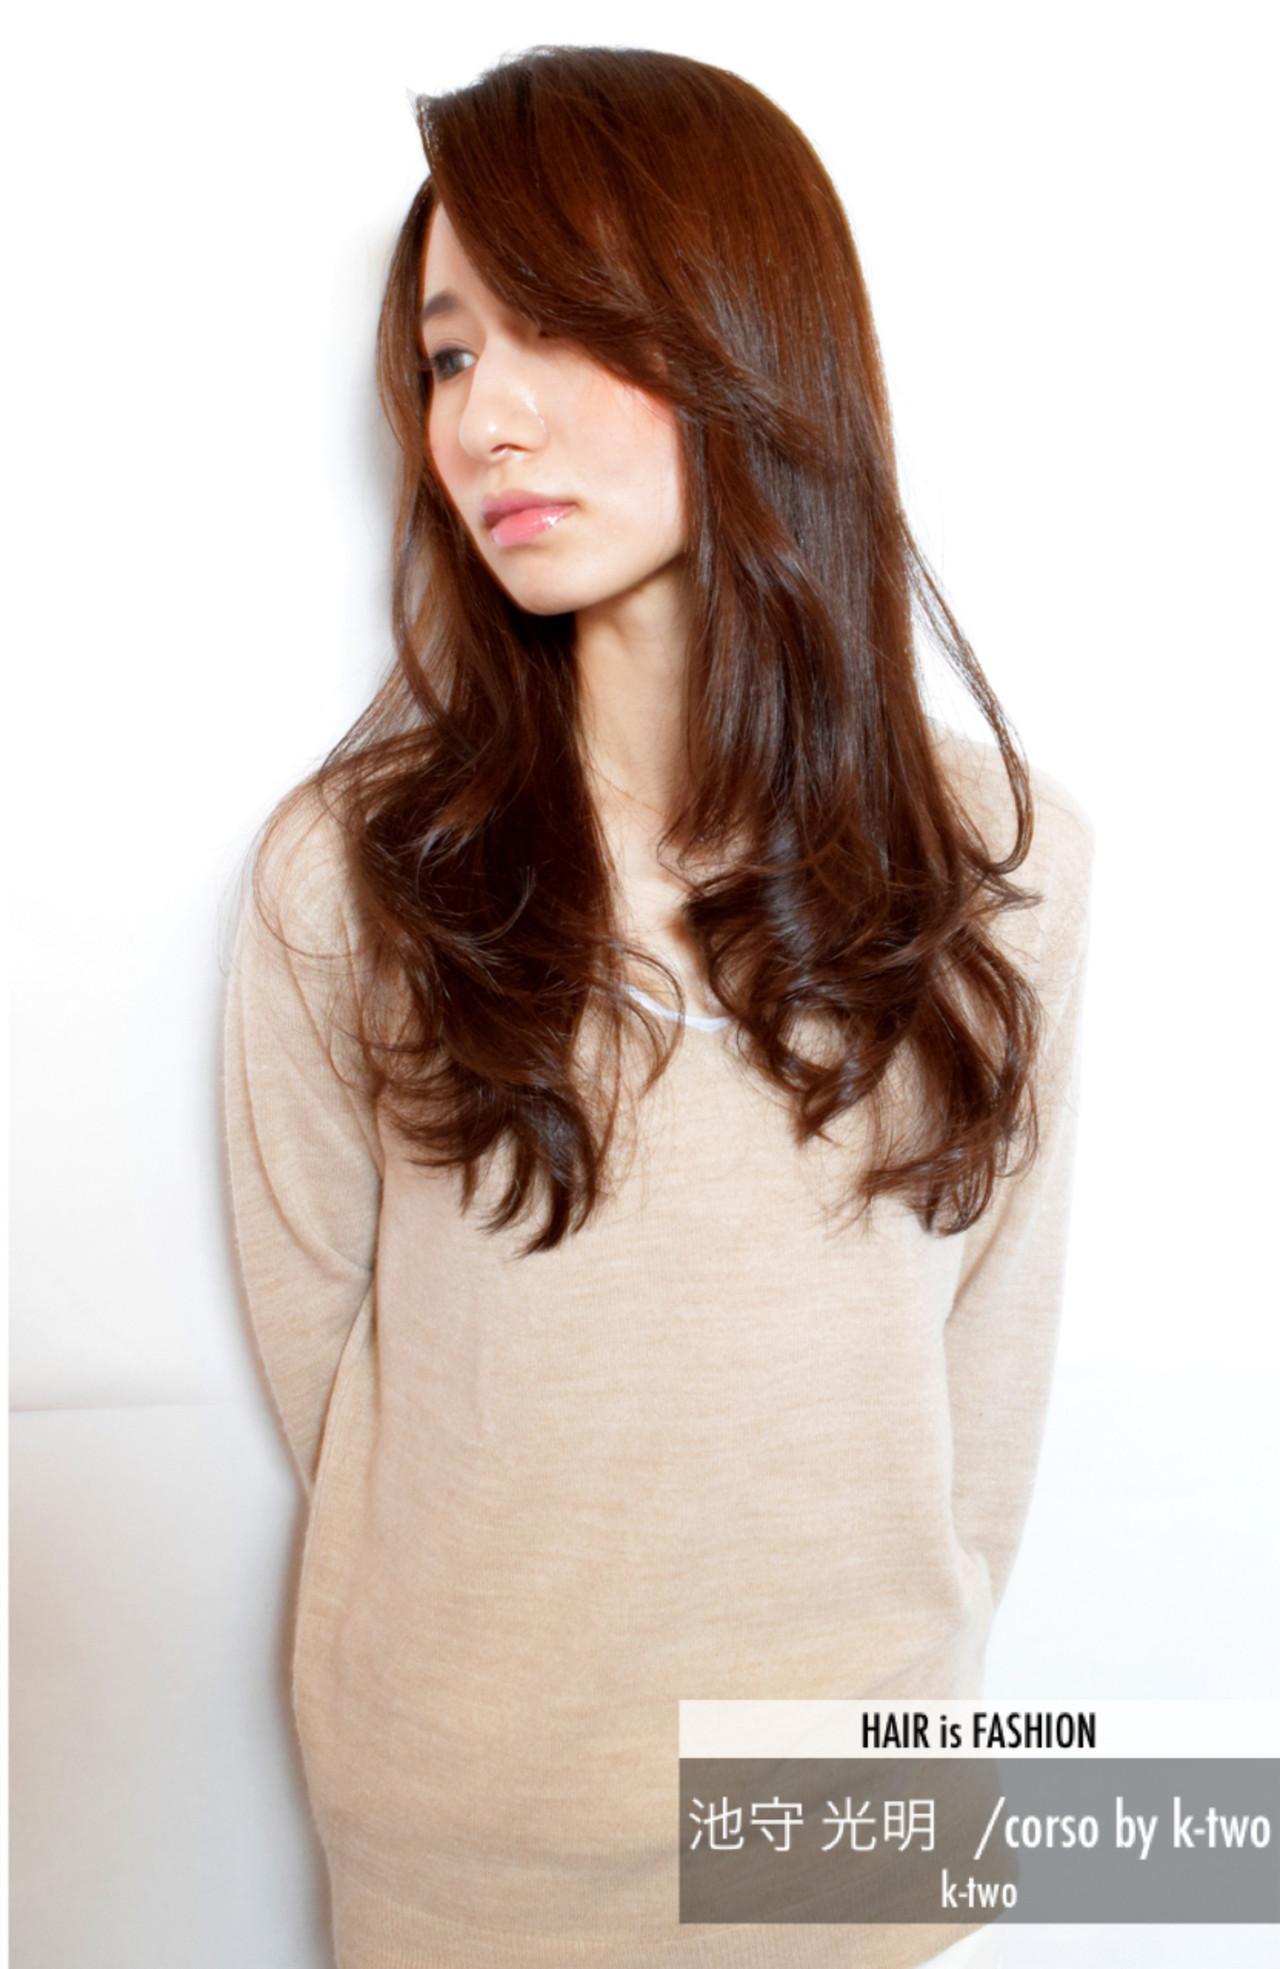 逆三角形 ロング ベース型 艶髪 ヘアスタイルや髪型の写真・画像